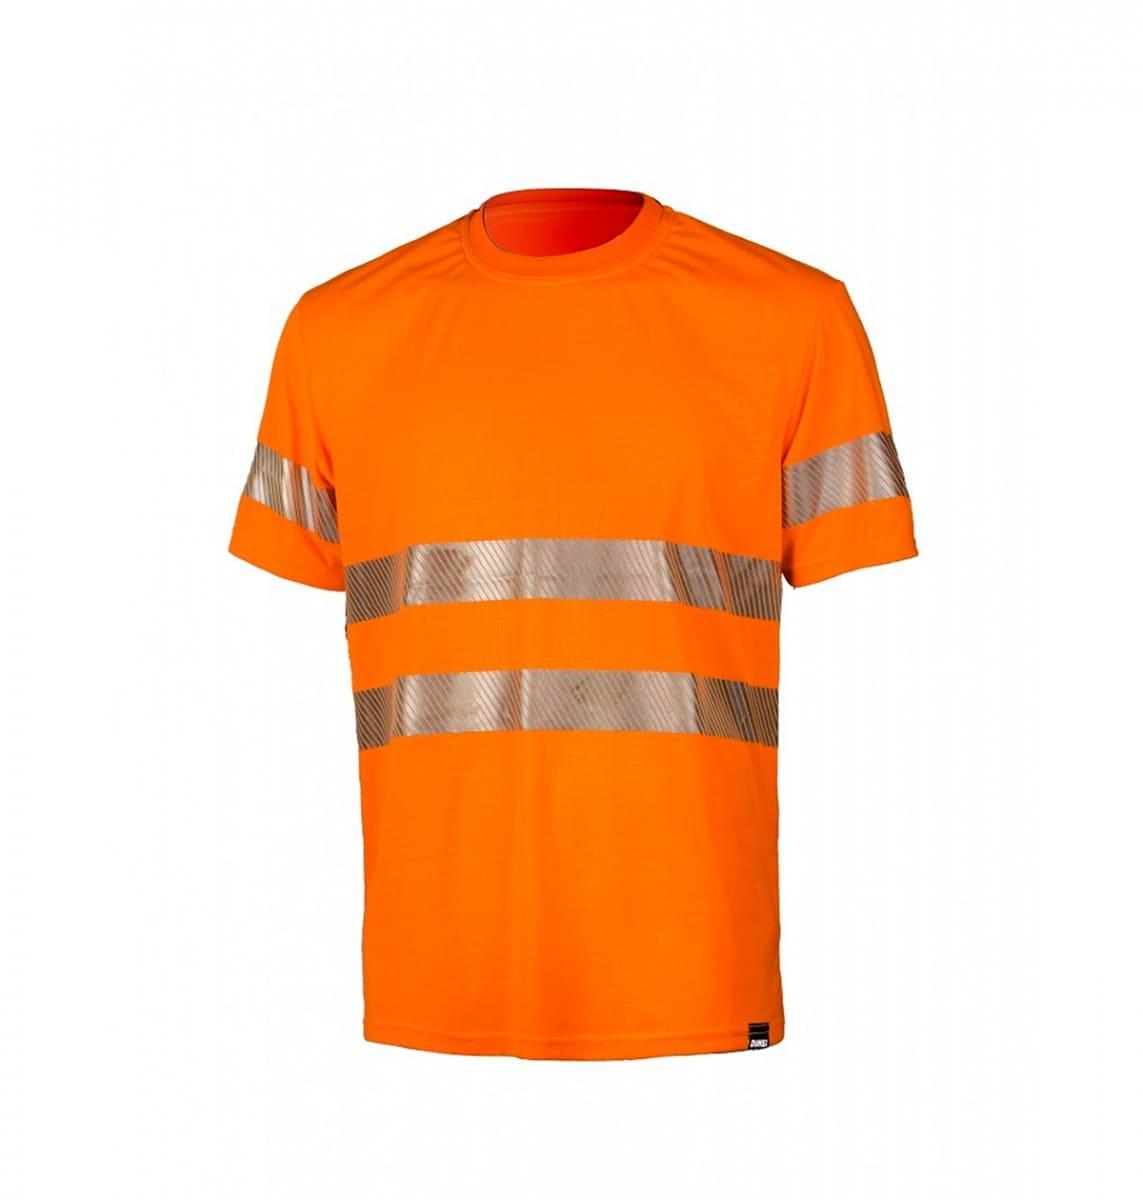 Футболка сигнальная светоотражающая с СОП ярко оранжевая